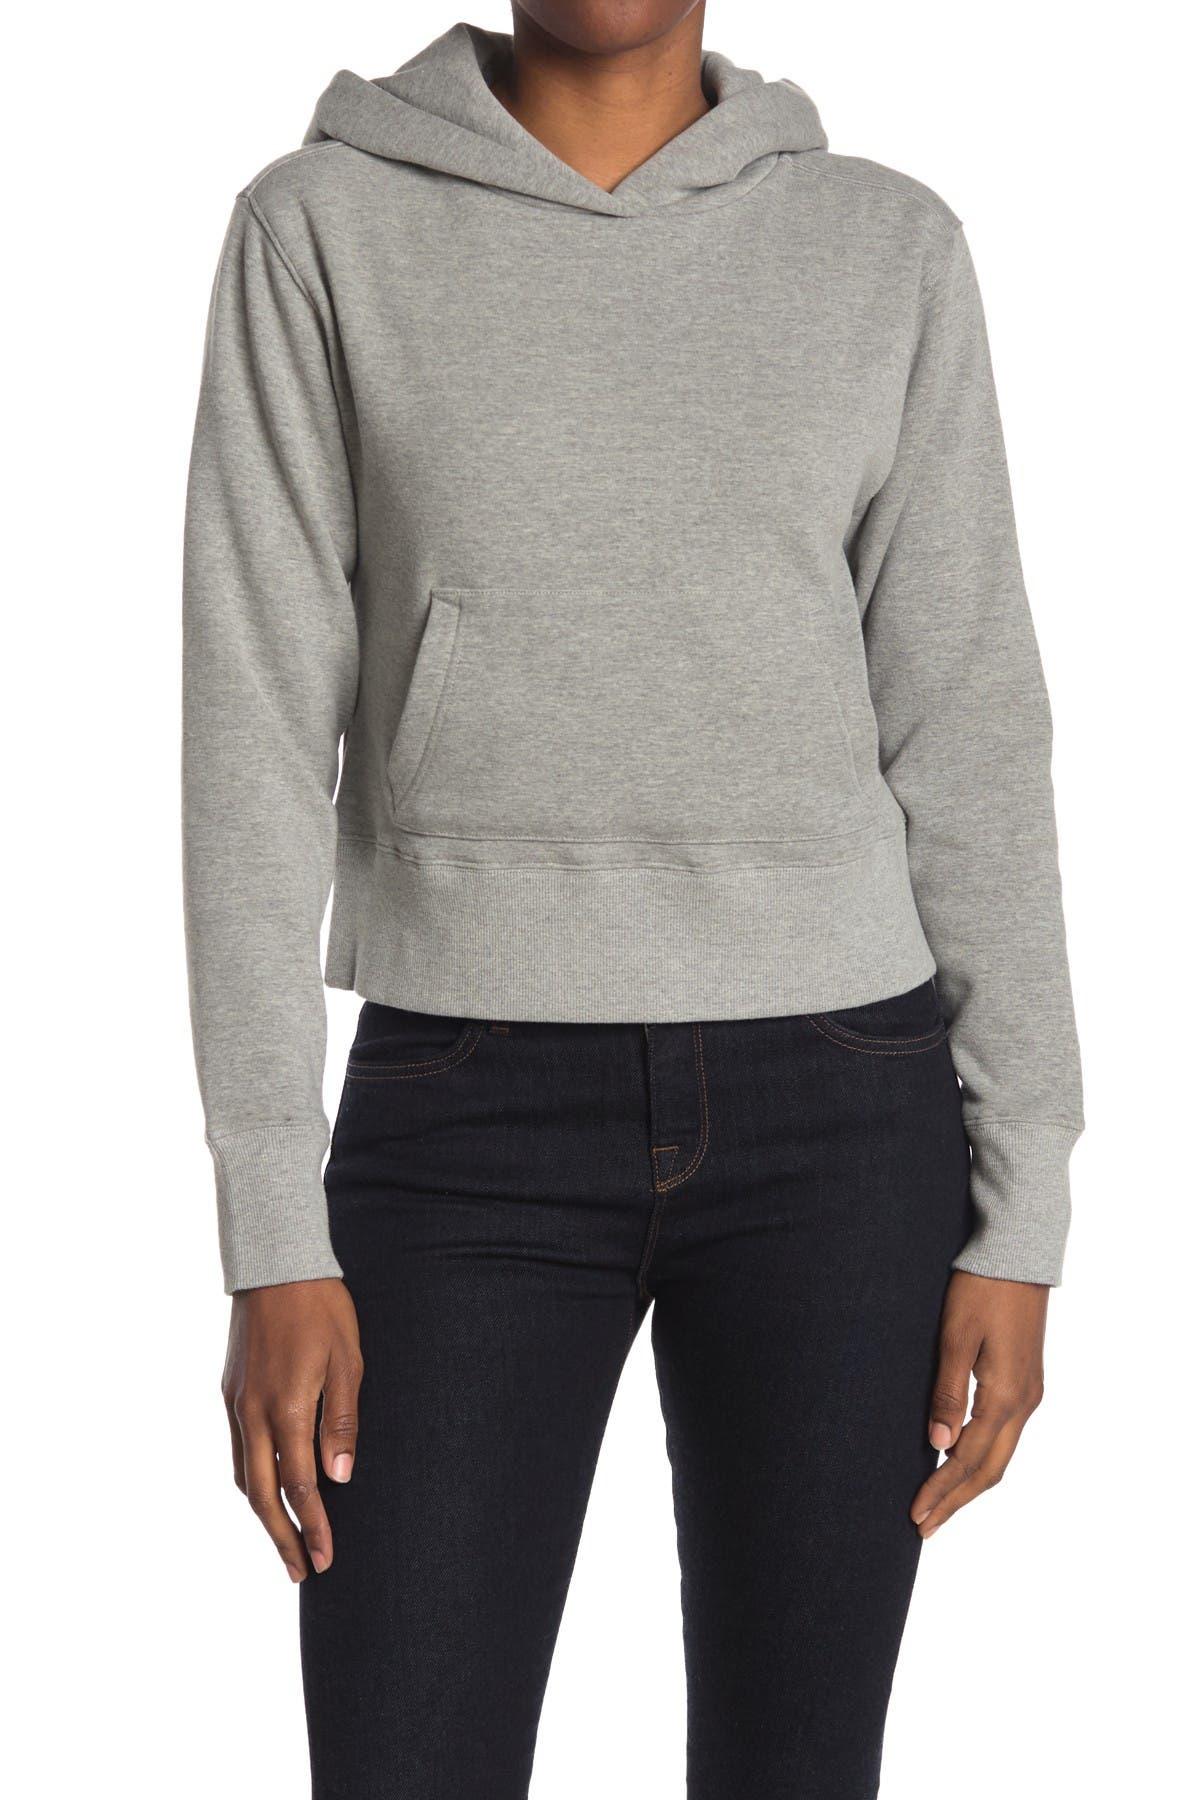 Image of BALDWIN Skye Sweatshirt